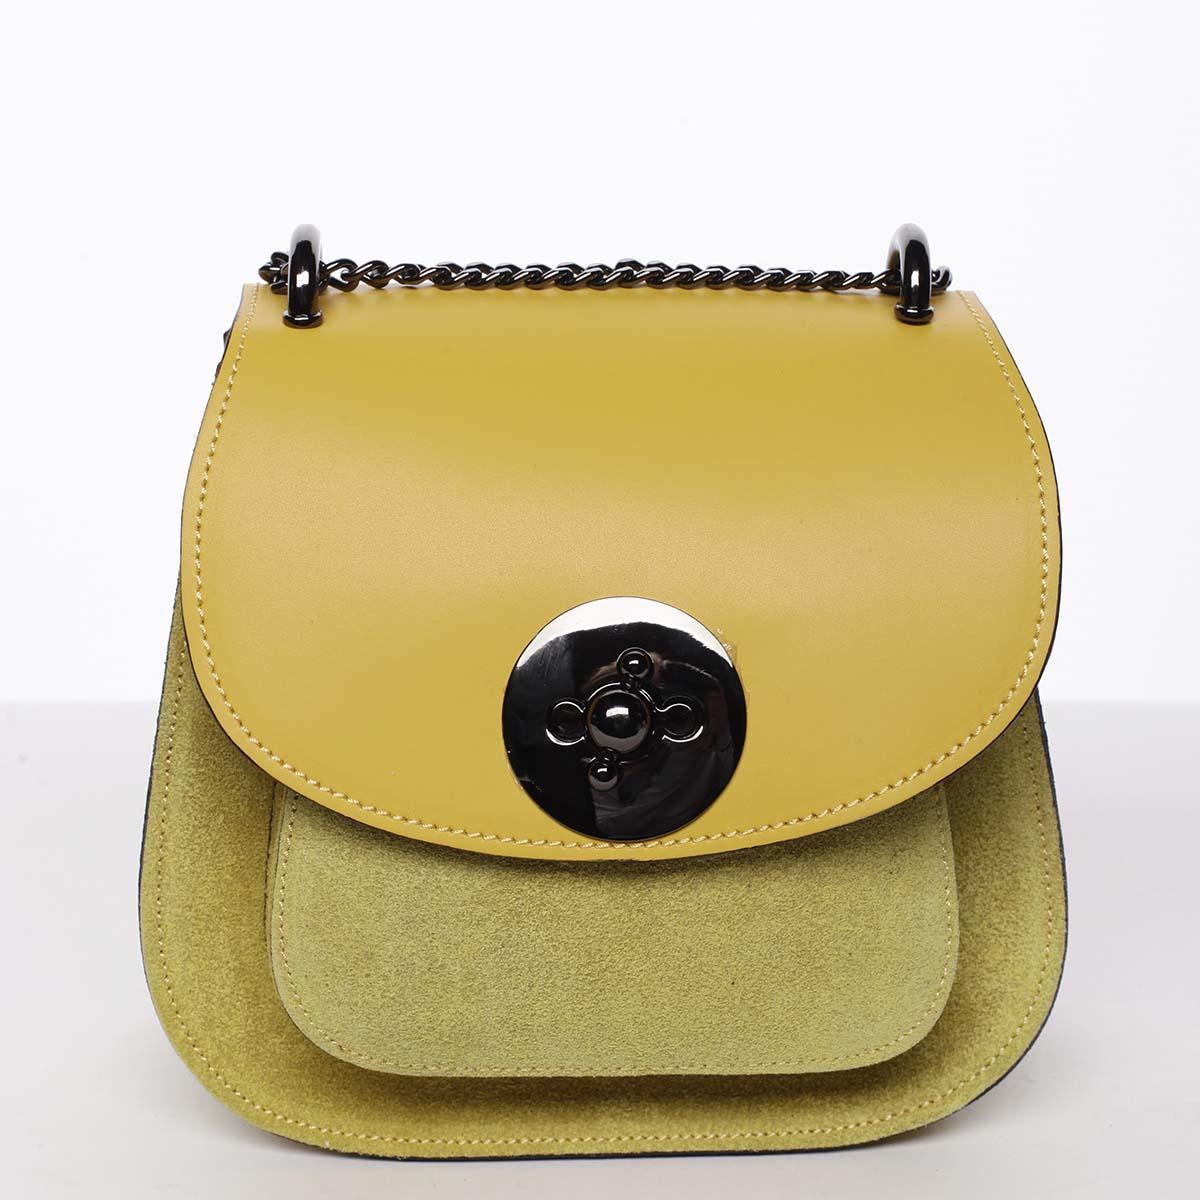 Malá dámska kožená polobrúsená kabelka žltá - ItalY Karishma